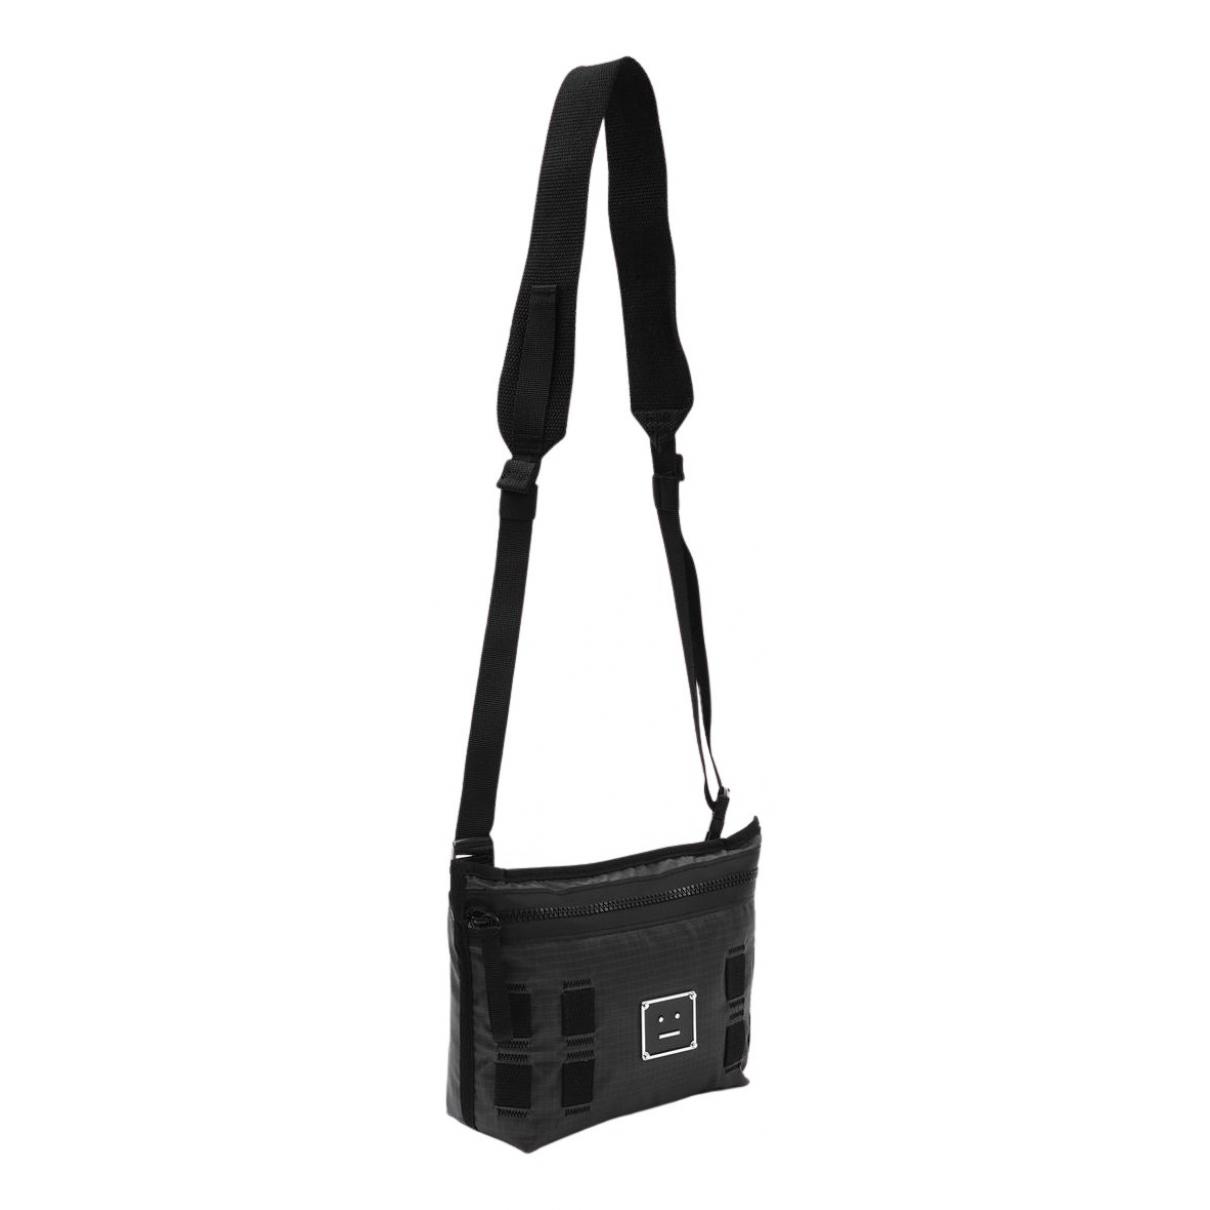 Acne Studios N Black bag for Men N